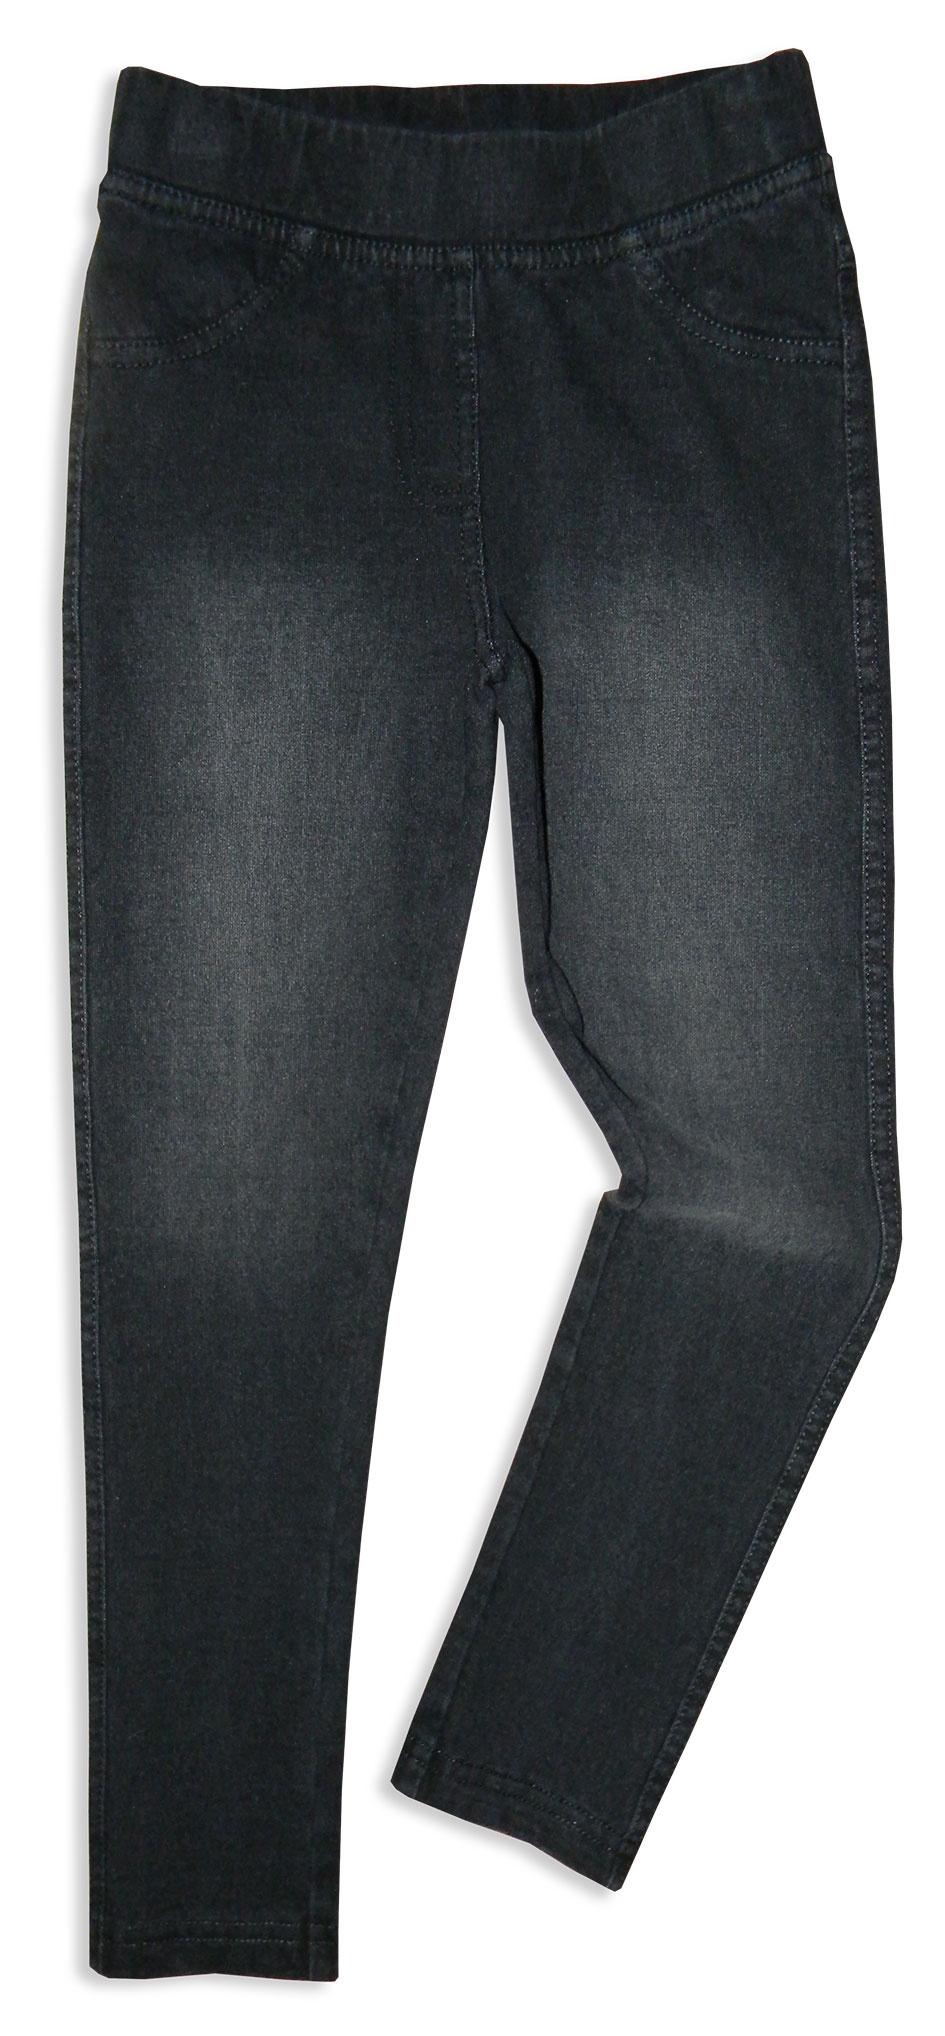 Джинсы Me&We брюки для девочки playtoday цвет темно синий розовый белый 182061 размер 104